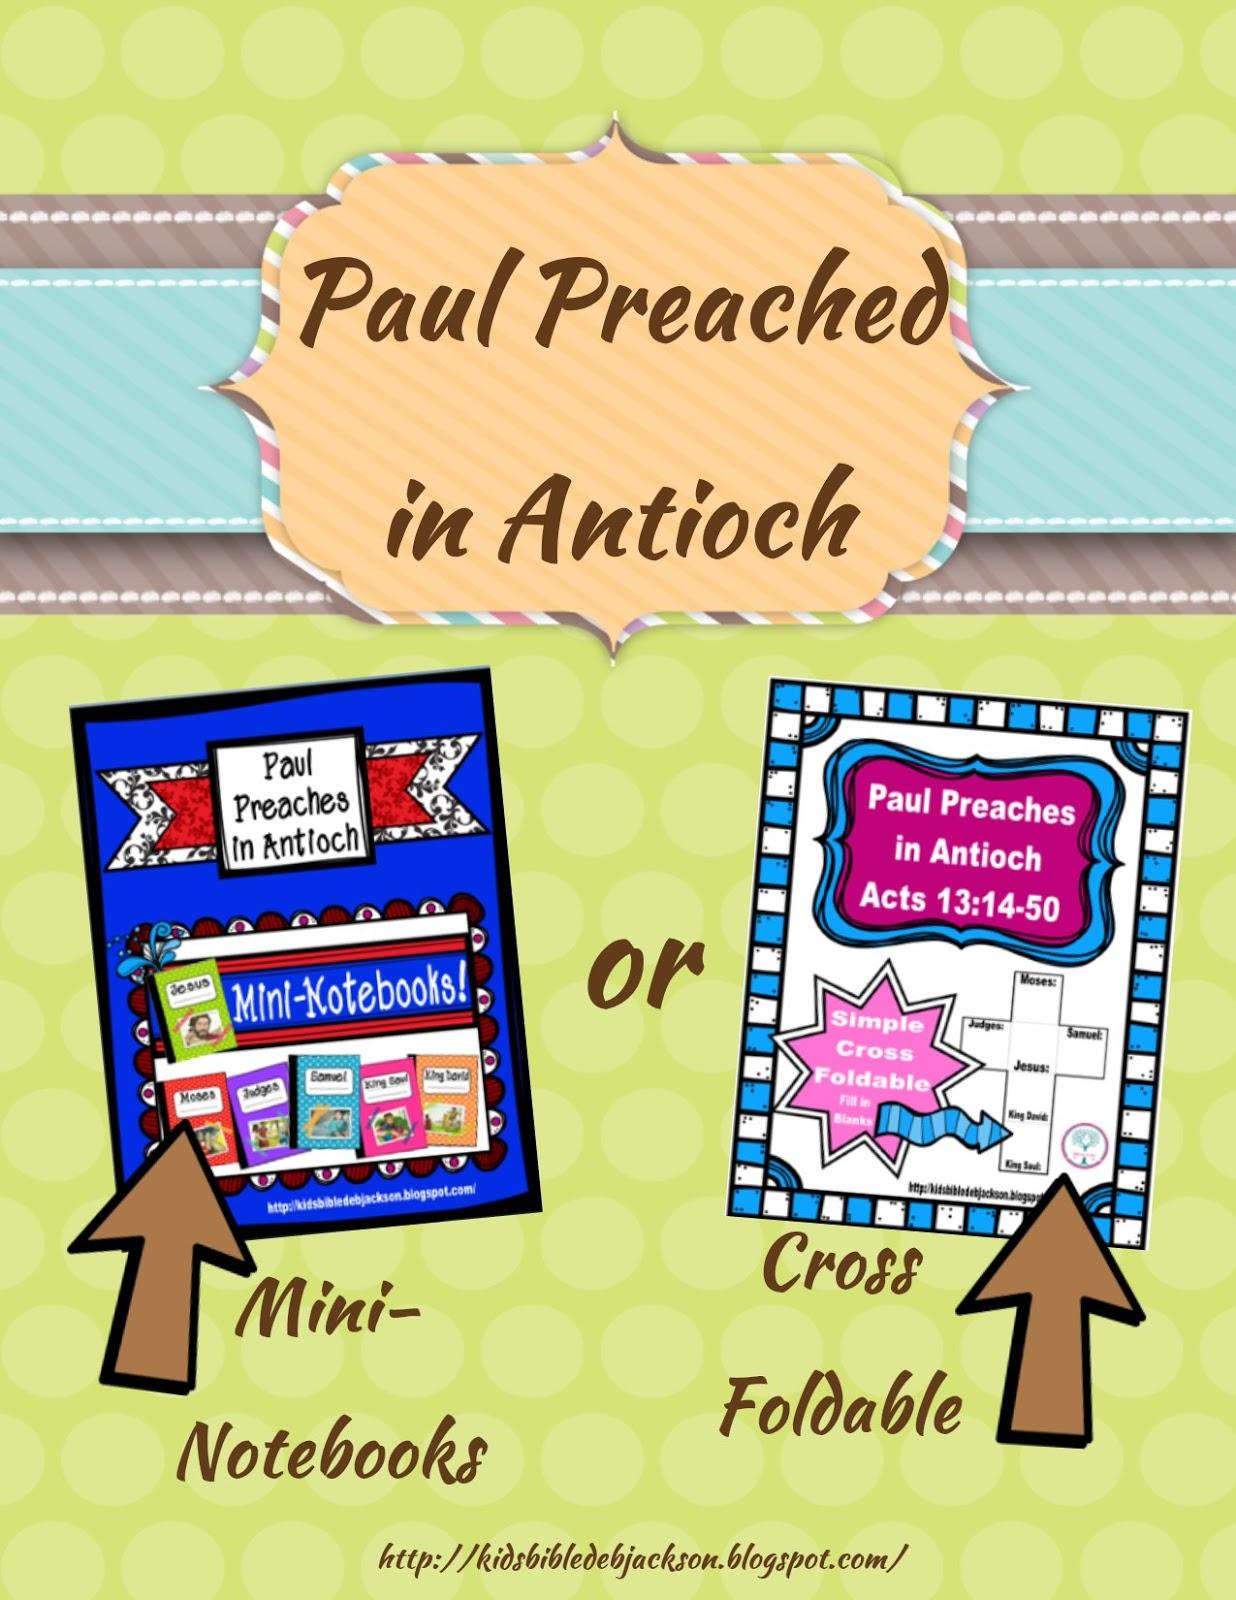 http://kidsbibledebjackson.blogspot.com/2015/02/paul-preaches-in-antioch.html